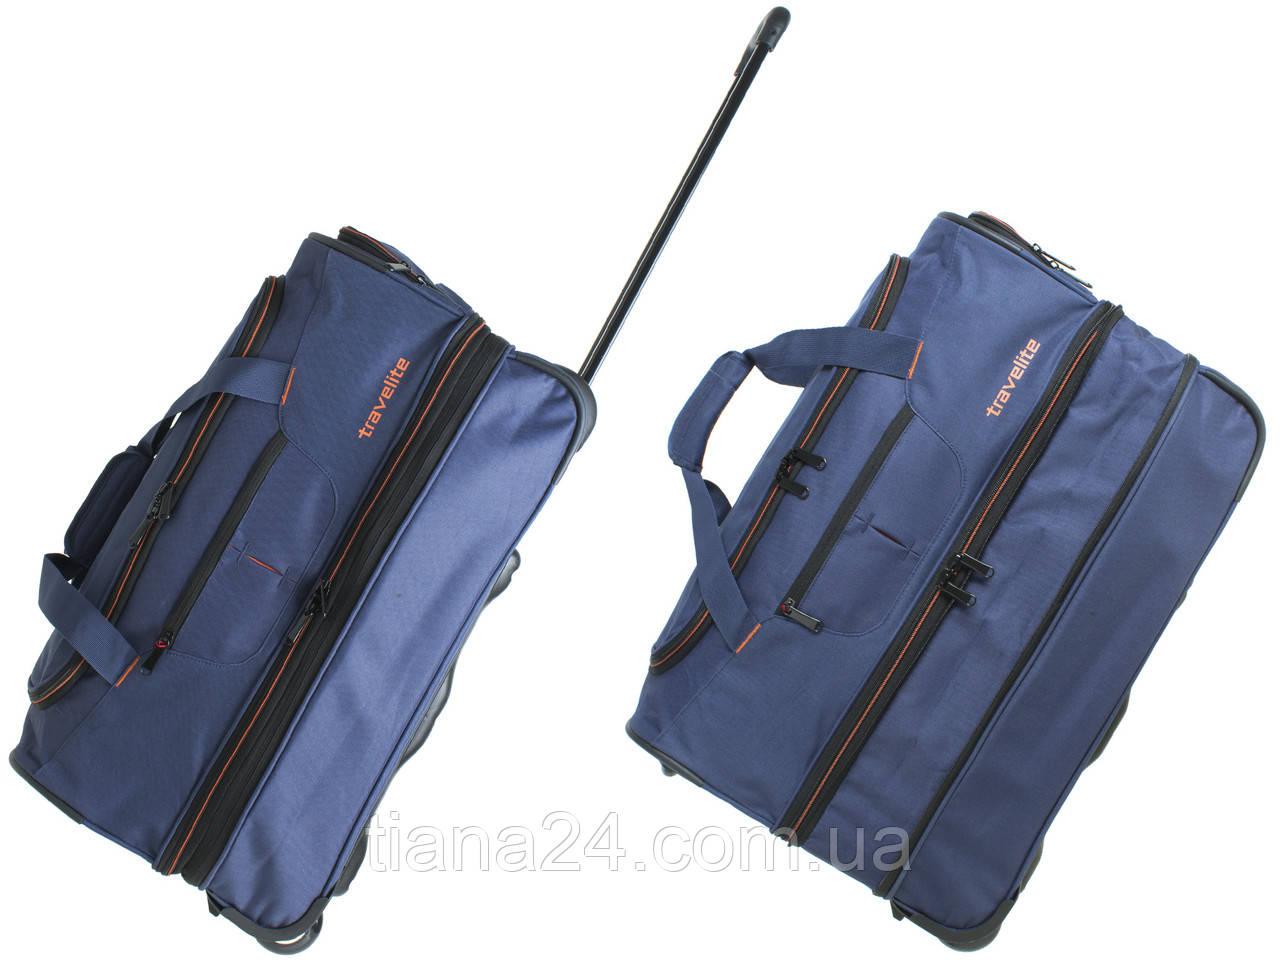 3a38b24a49ce Большая дорожная сумка на колесиках Travelite W172: продажа, цена в ...